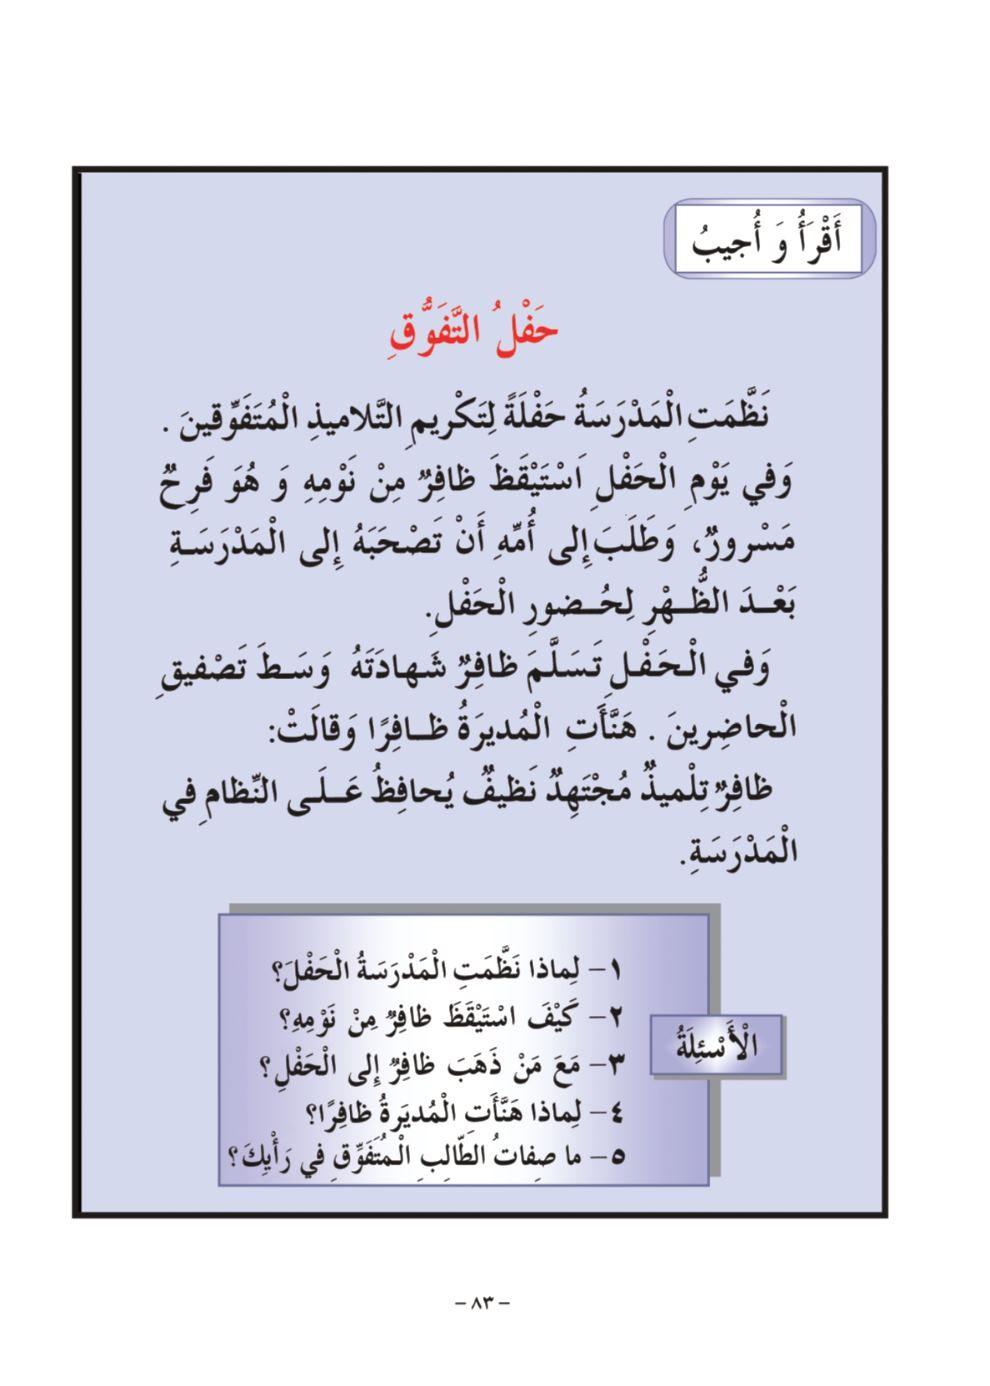 اللغة العربية للصف الأول الابتدائي الجزء الثاني Ebook Ramadan Books